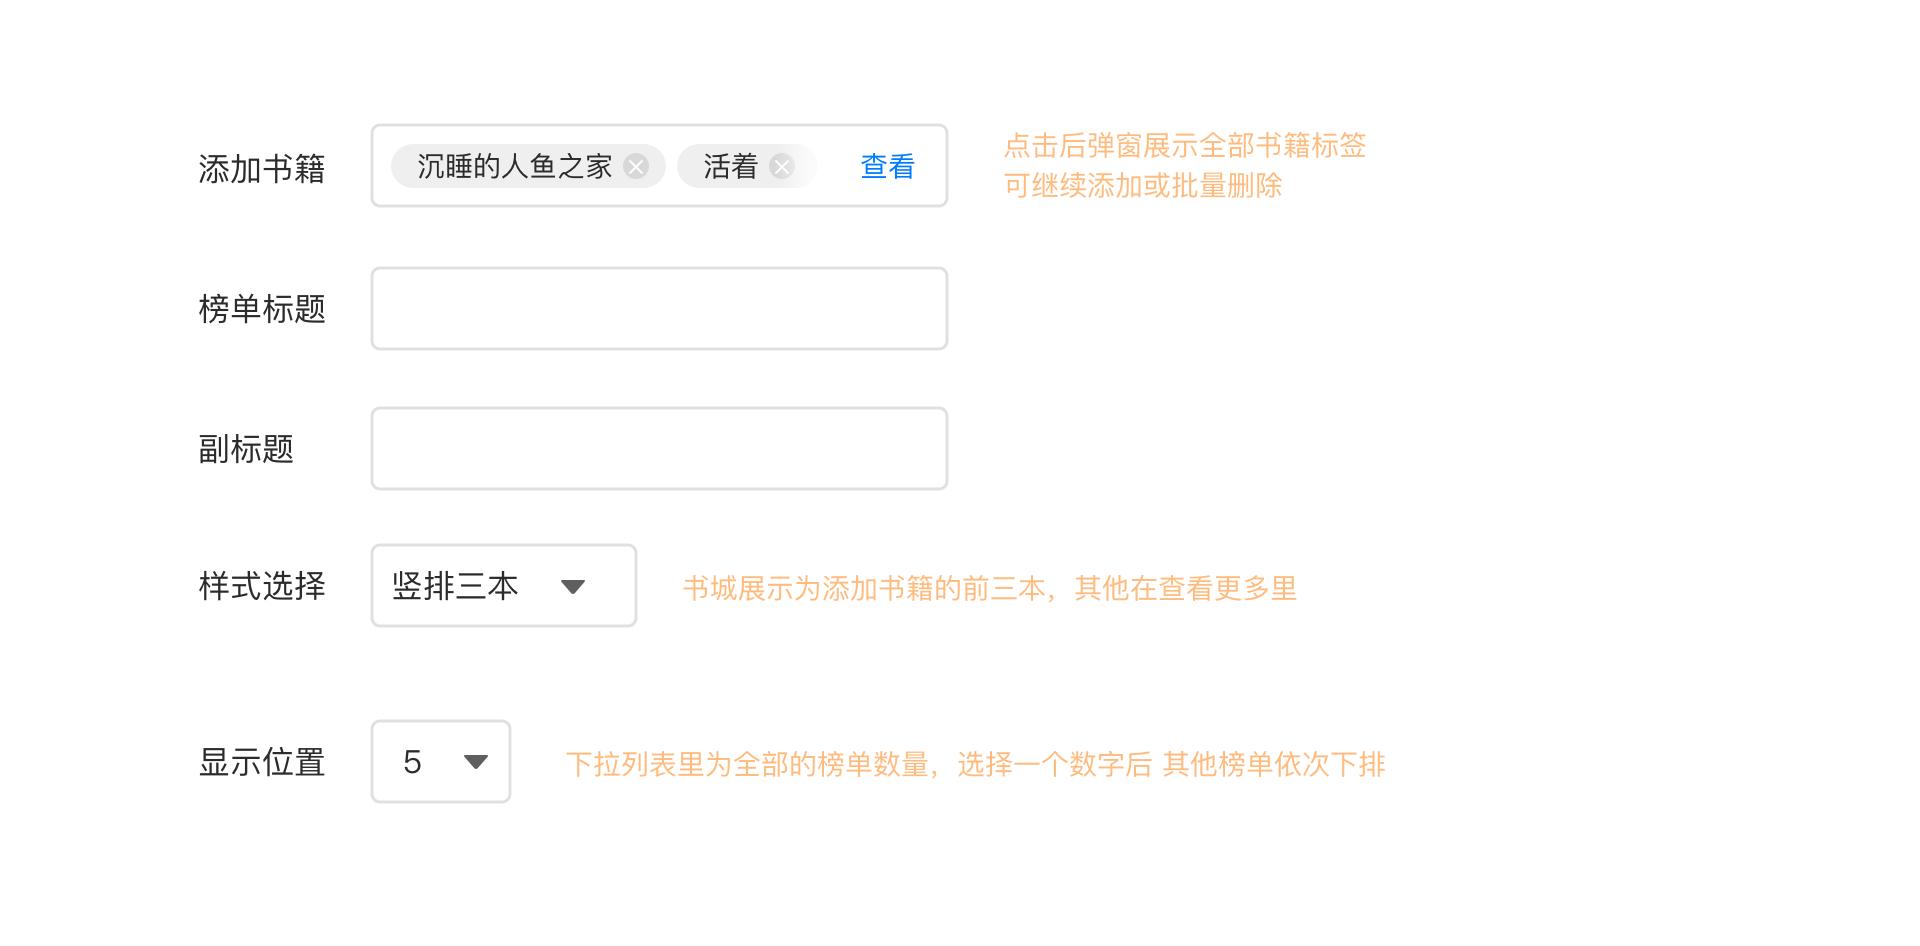 企业官网体验设计升级与toB设计浅谈